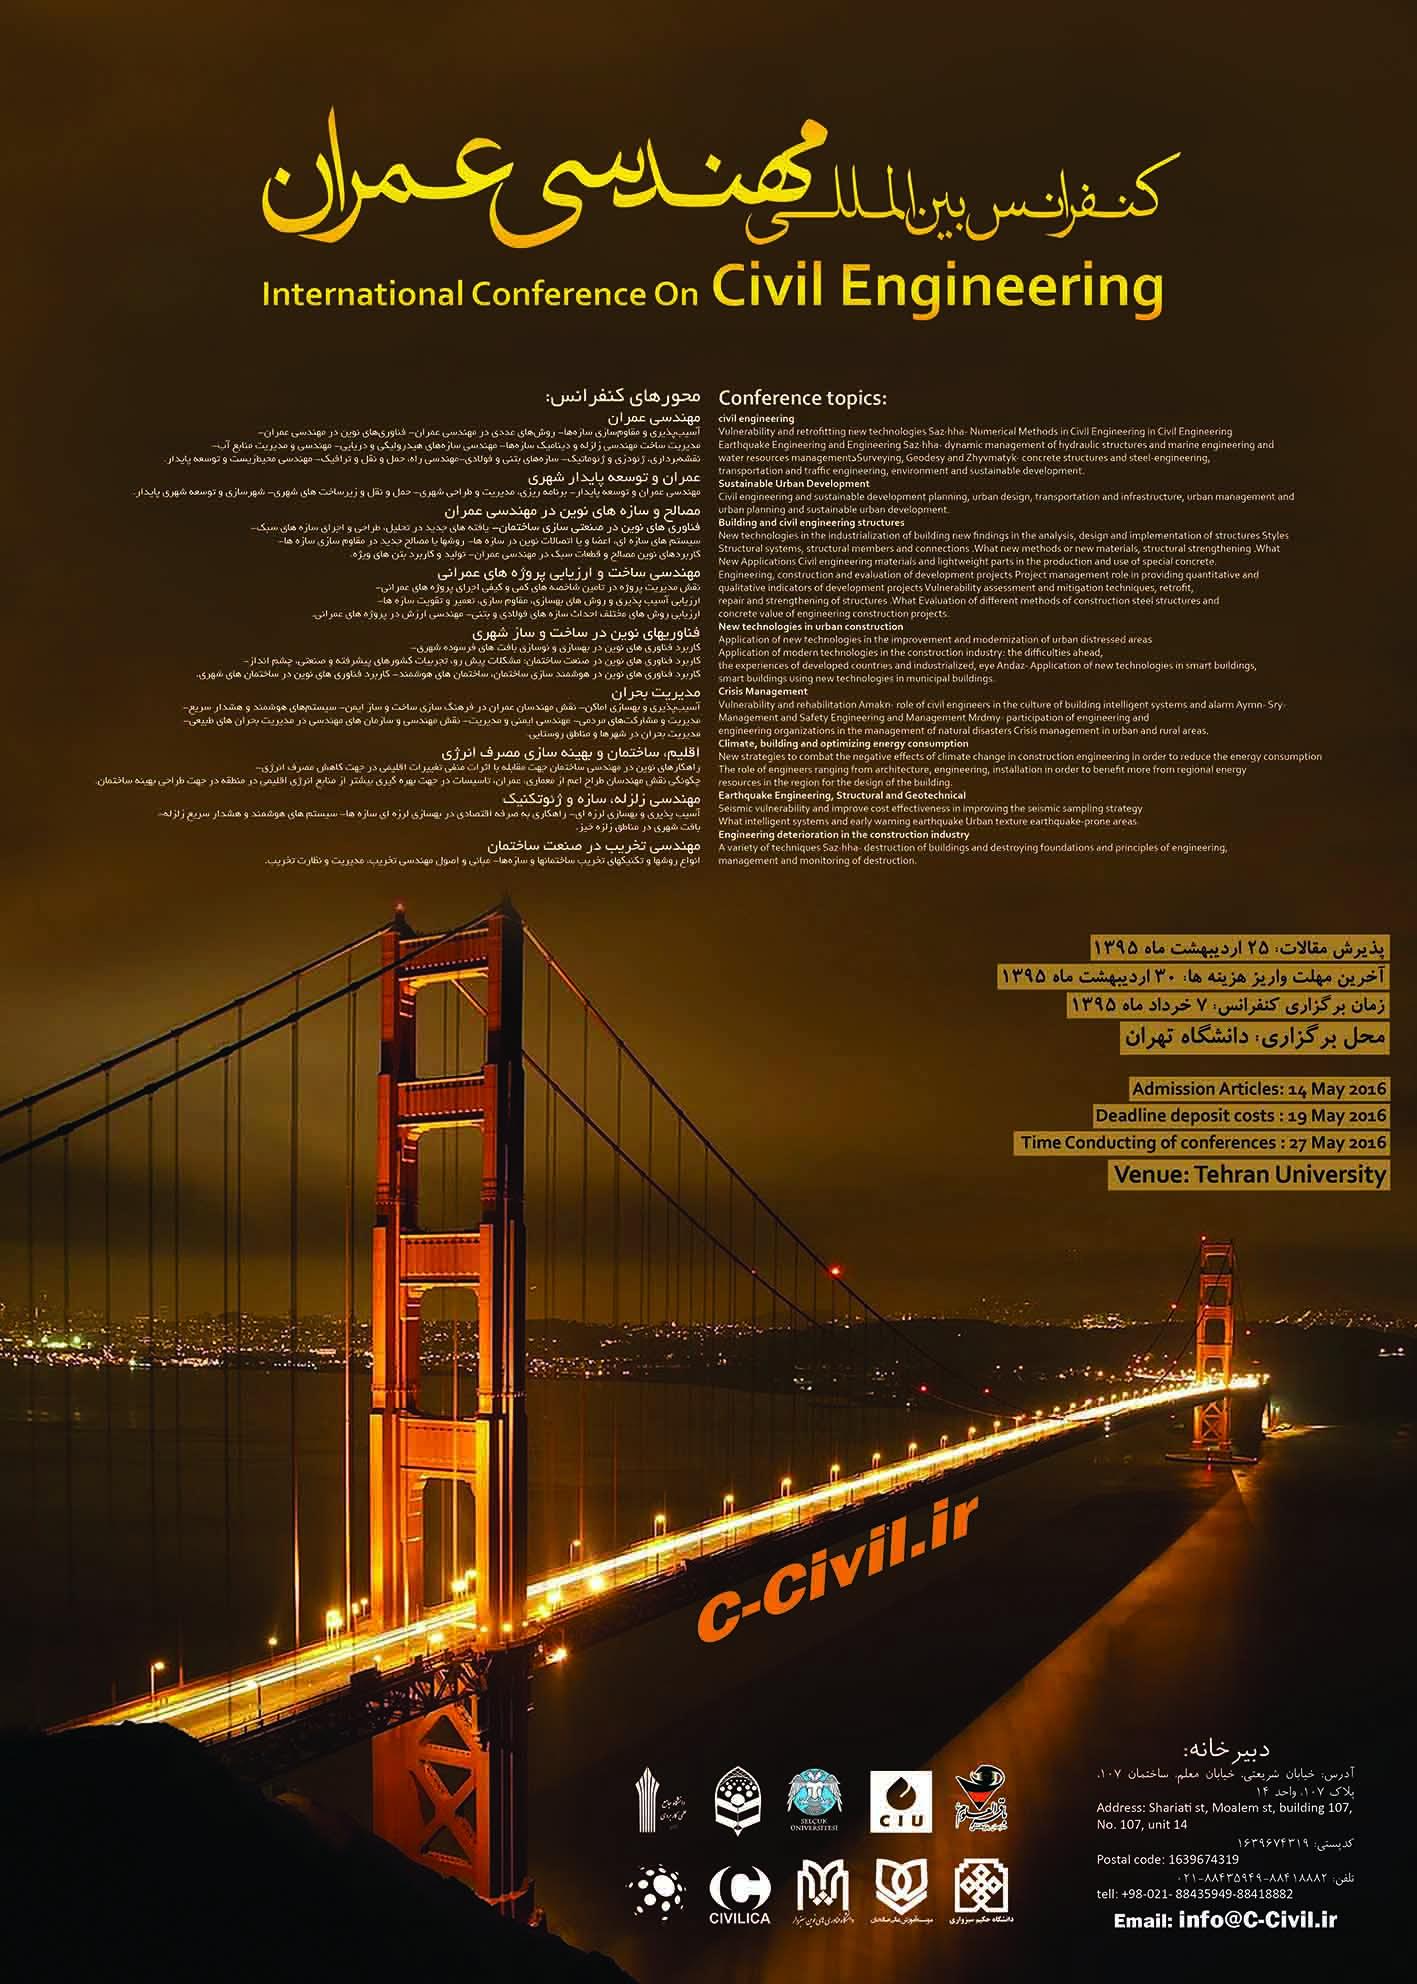 دومین کنفرانس بین المللی مهندسی عمران،معماری و شهرسازی دومین کنفرانس بین المللی مهندسی عمران،معماری و شهرسازی r 1 160424172129